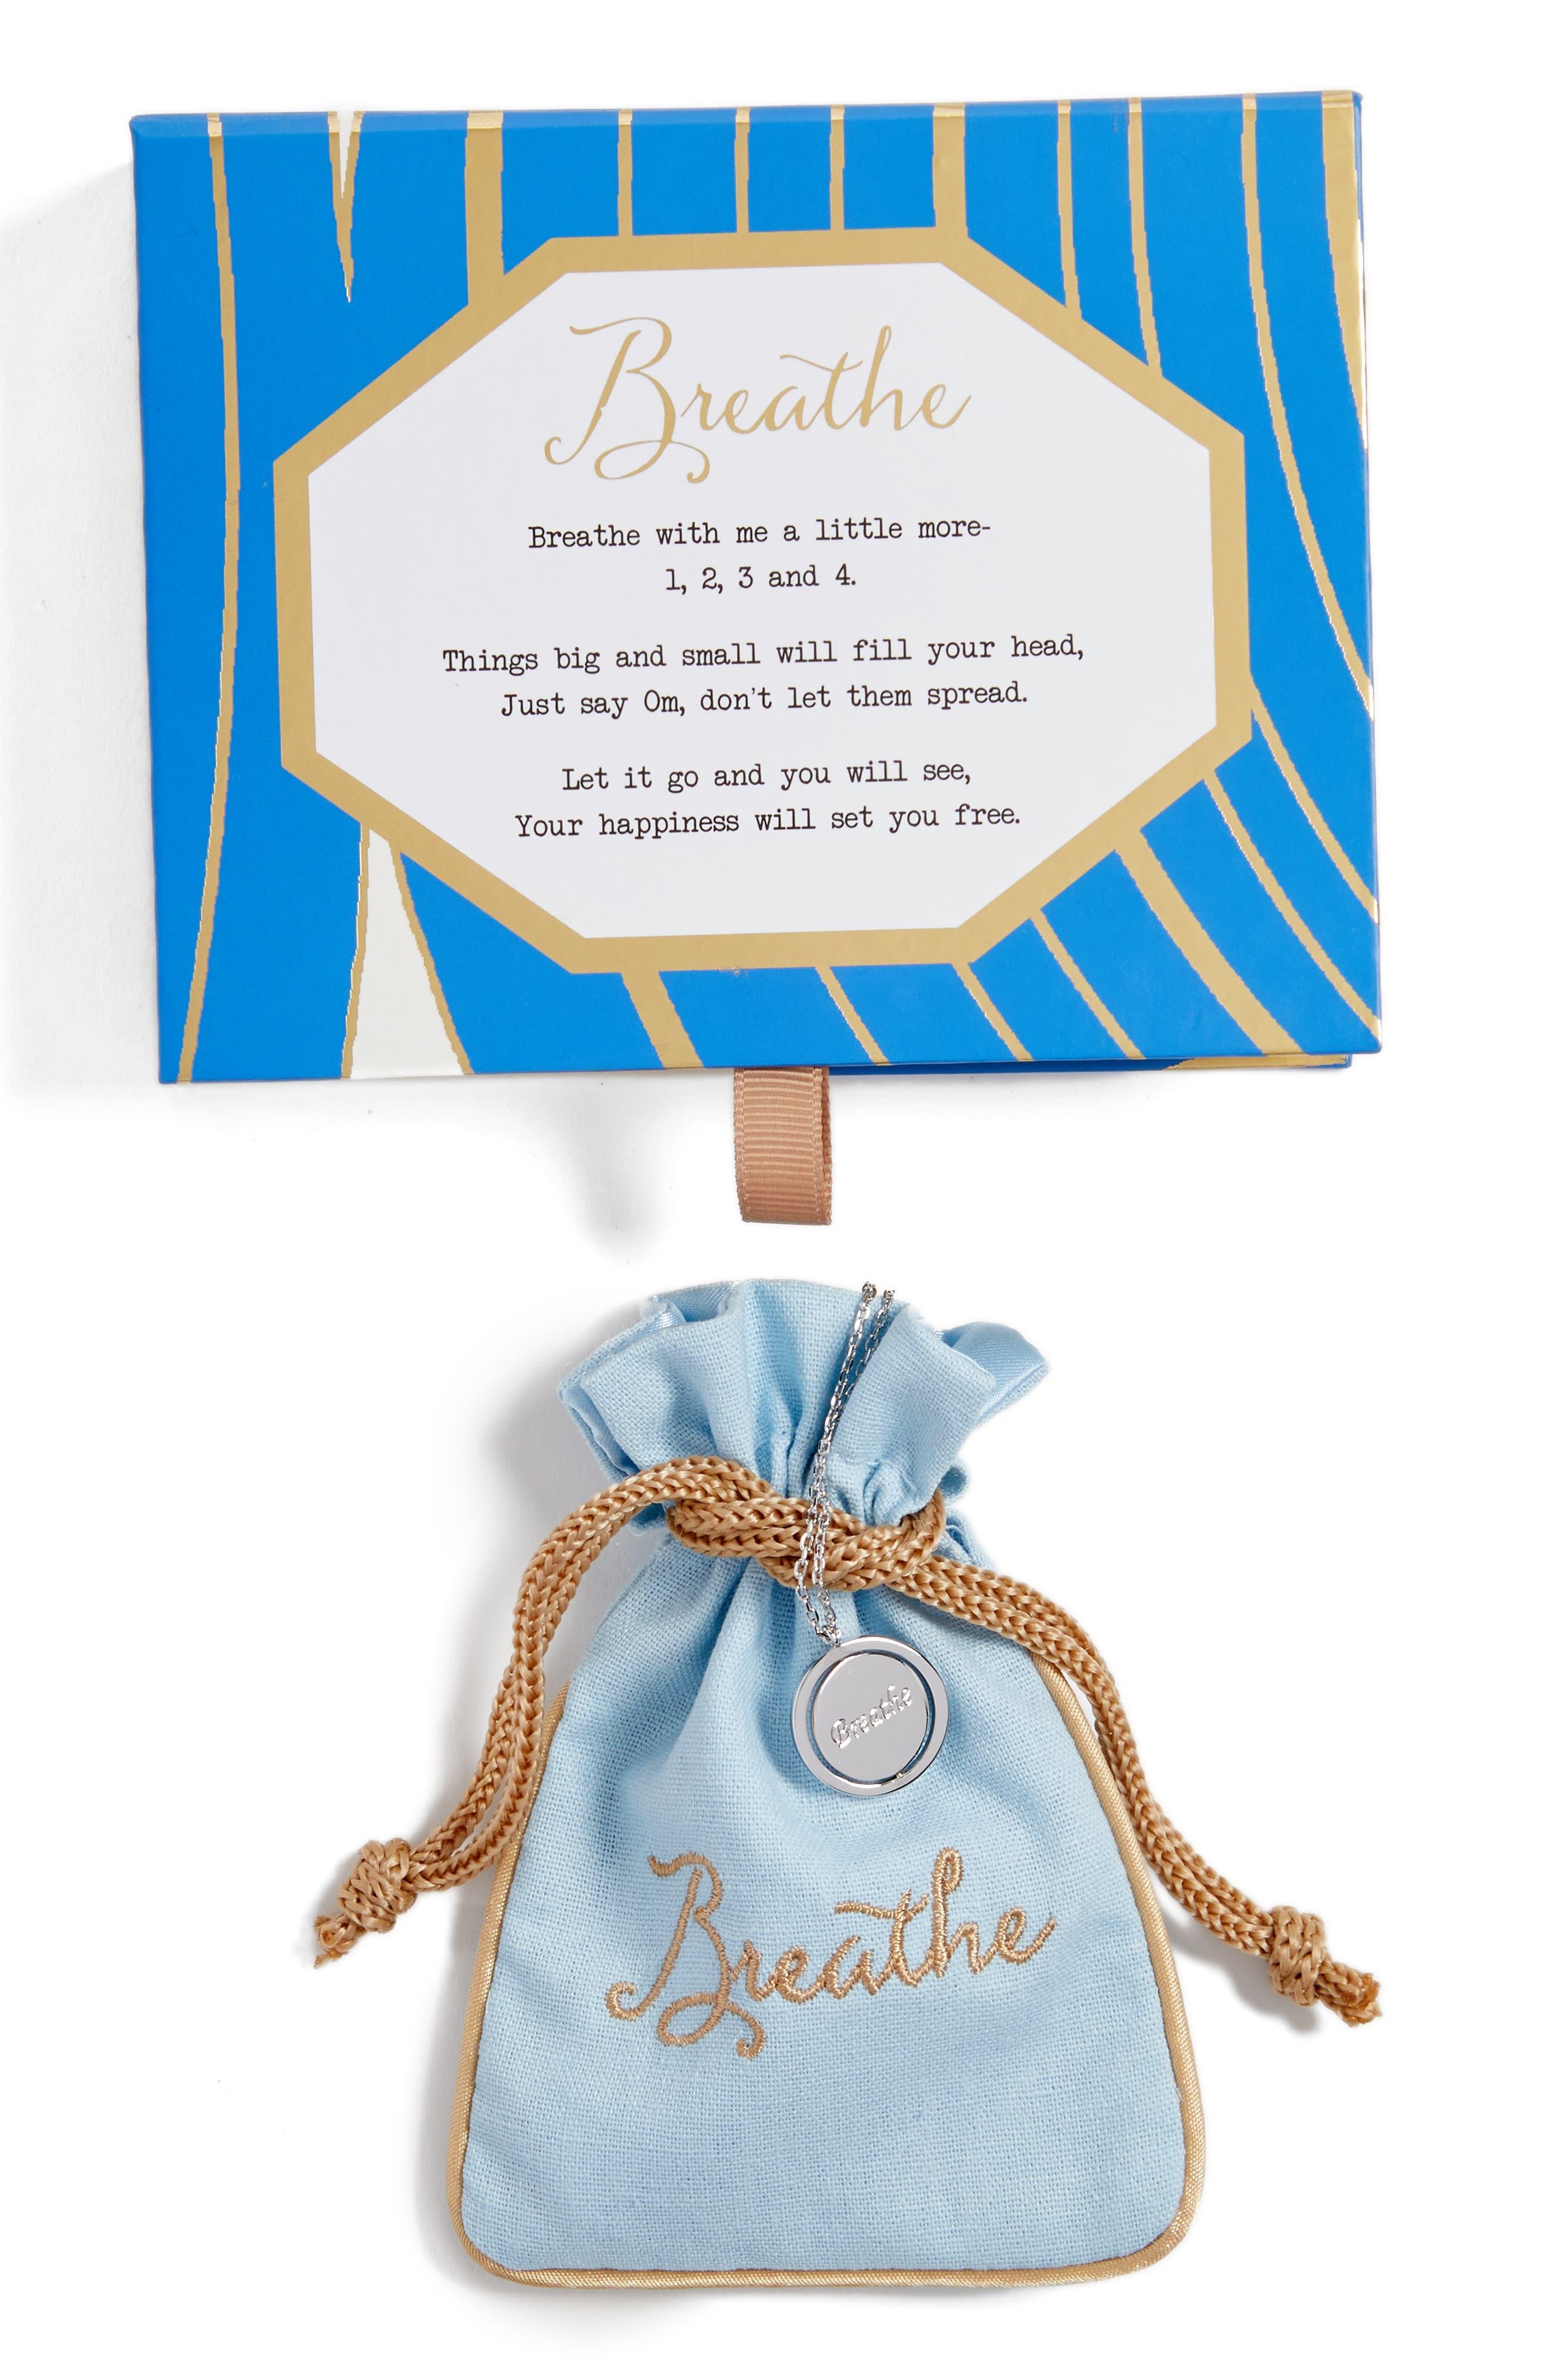 Breathe Love Letters Flip Pendant Necklace,                             Alternate thumbnail 3, color,